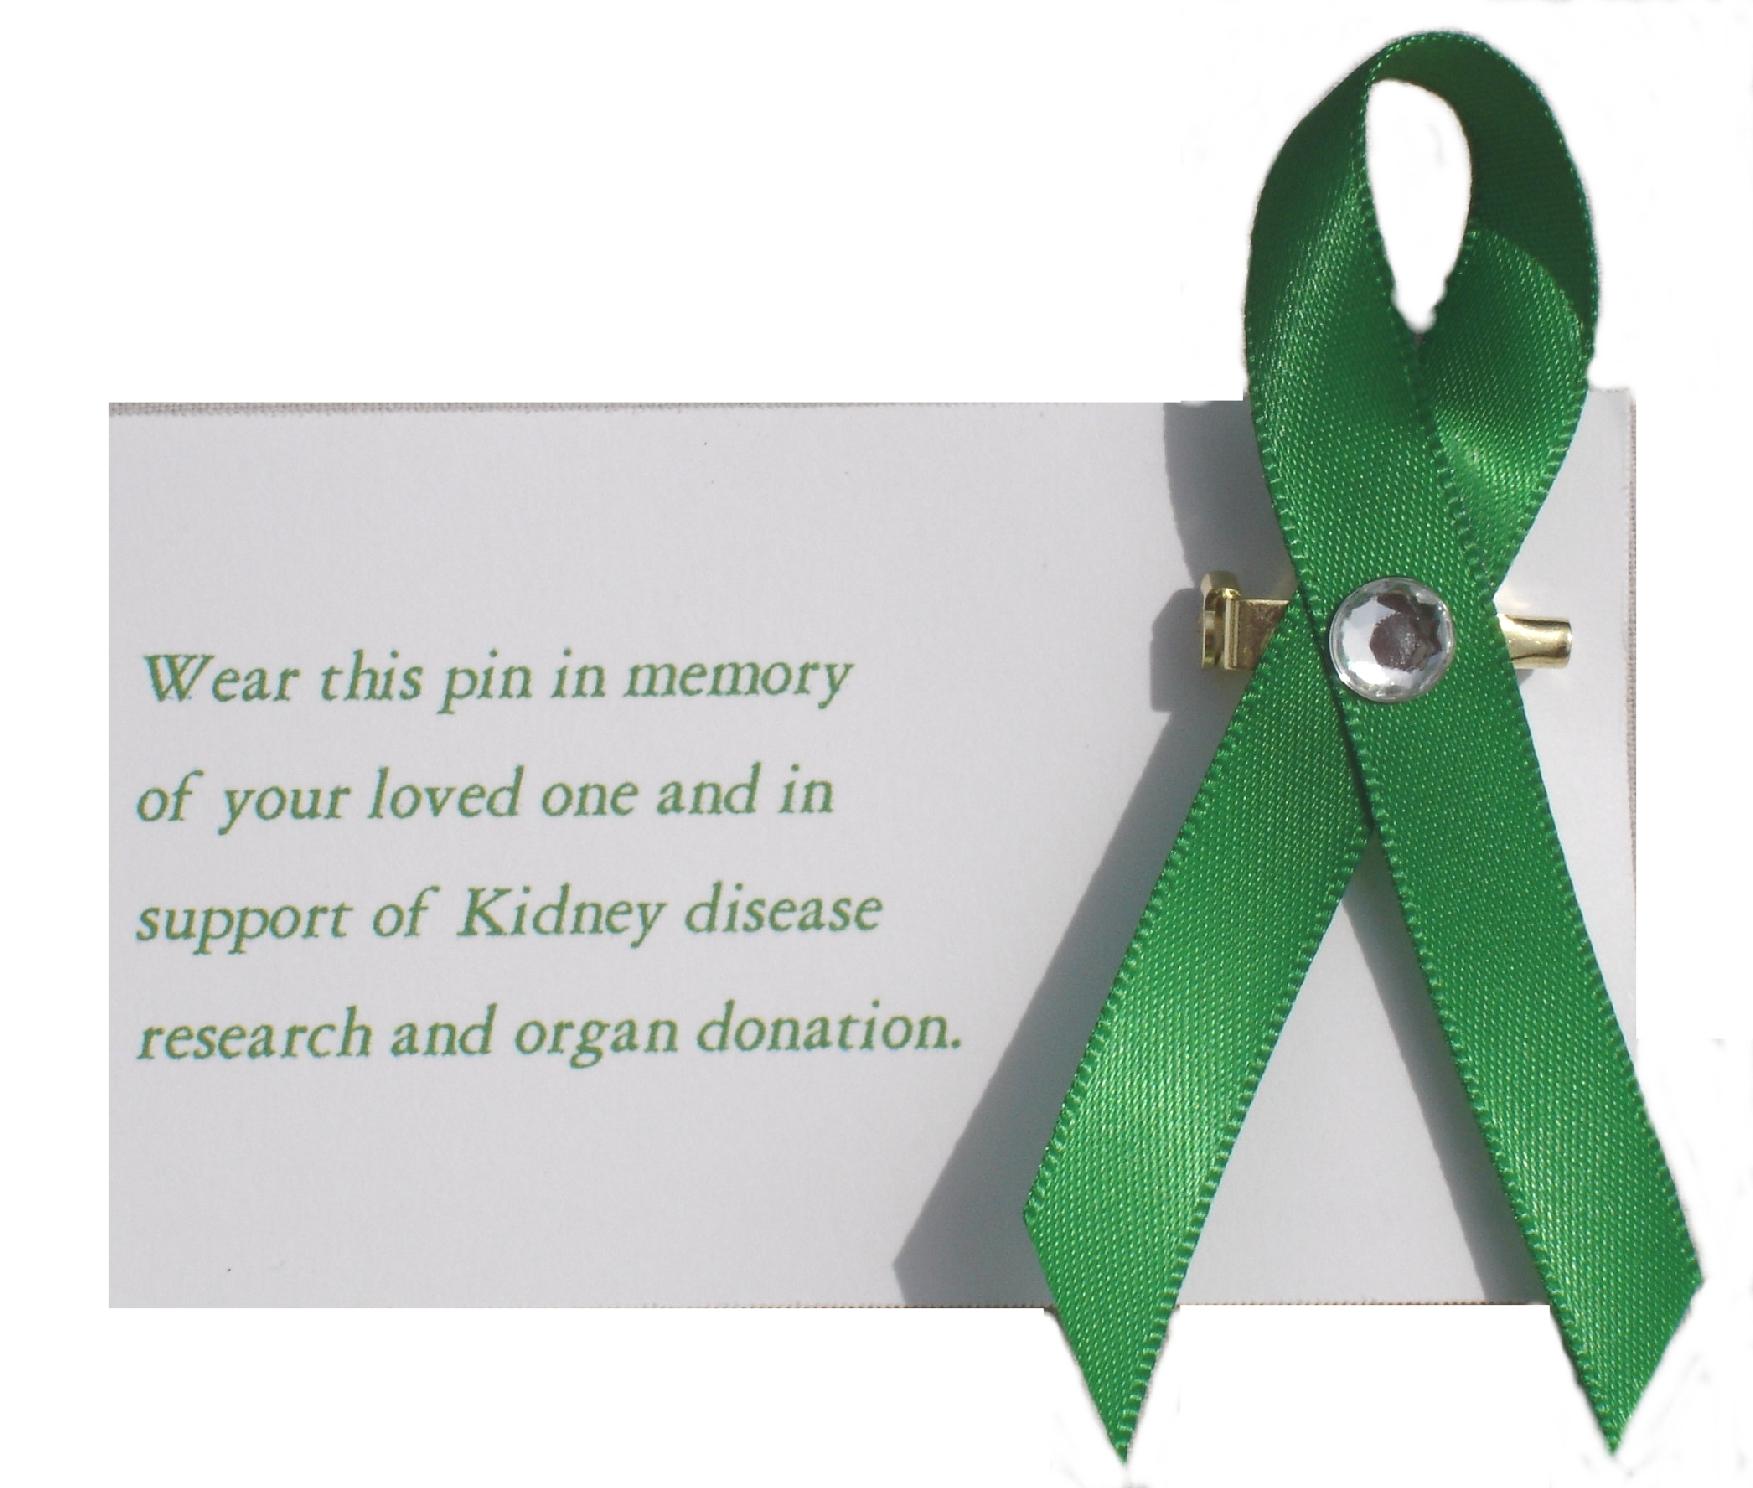 kidney-disease-research-green-pinb.jpg